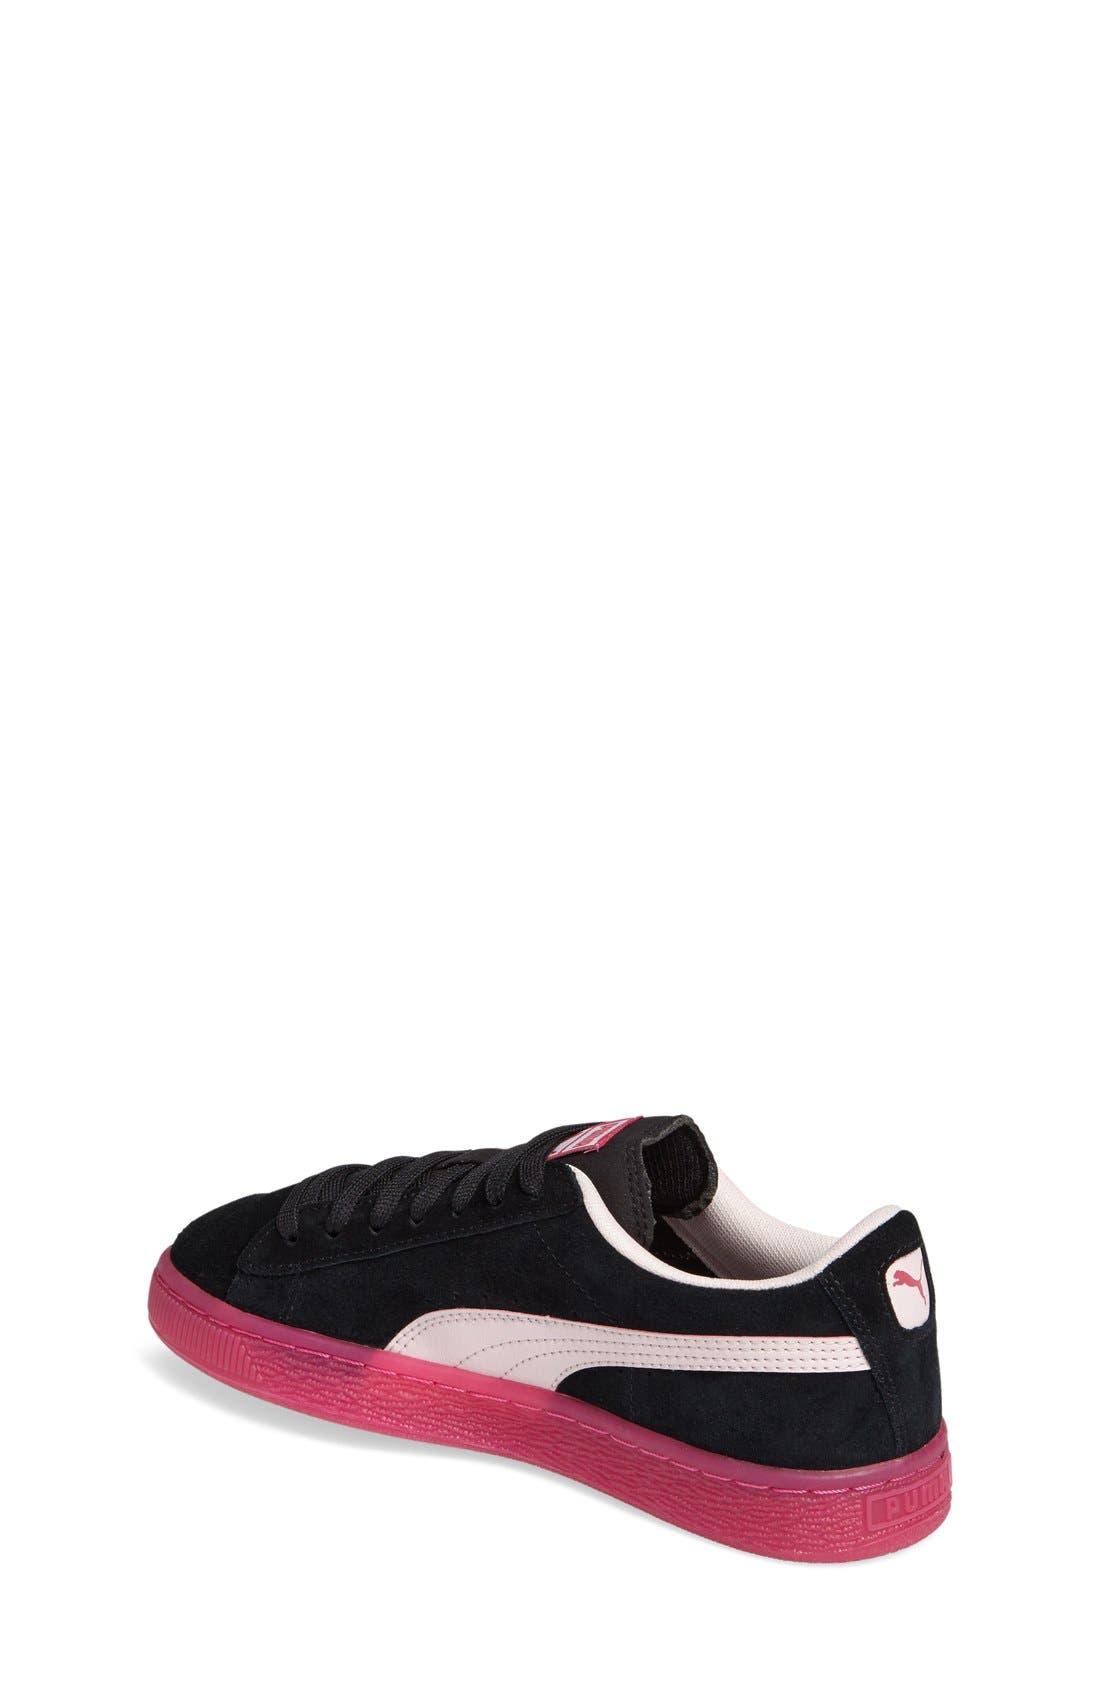 LFS Iced Jr Sneaker,                             Alternate thumbnail 2, color,                             001